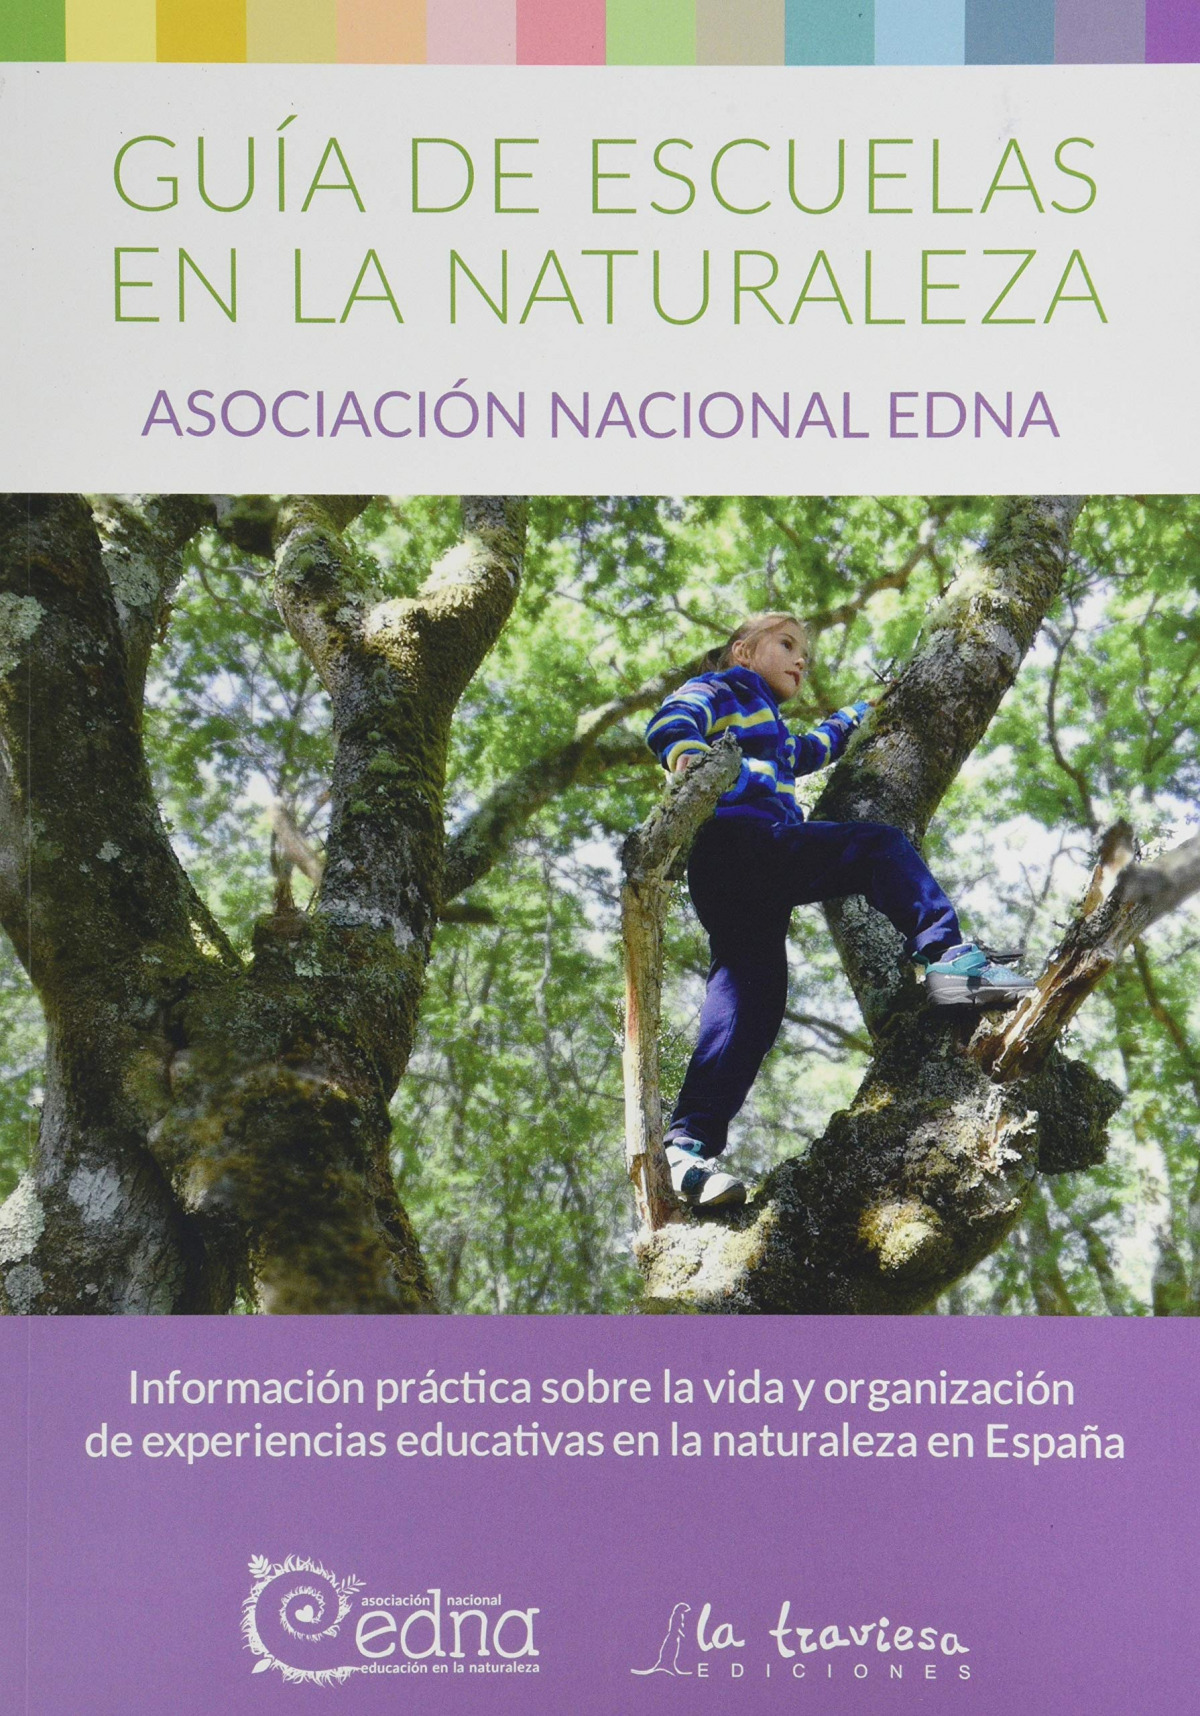 GUÍA ESCUELAS EN LA NATURALEZA. 9788494861116